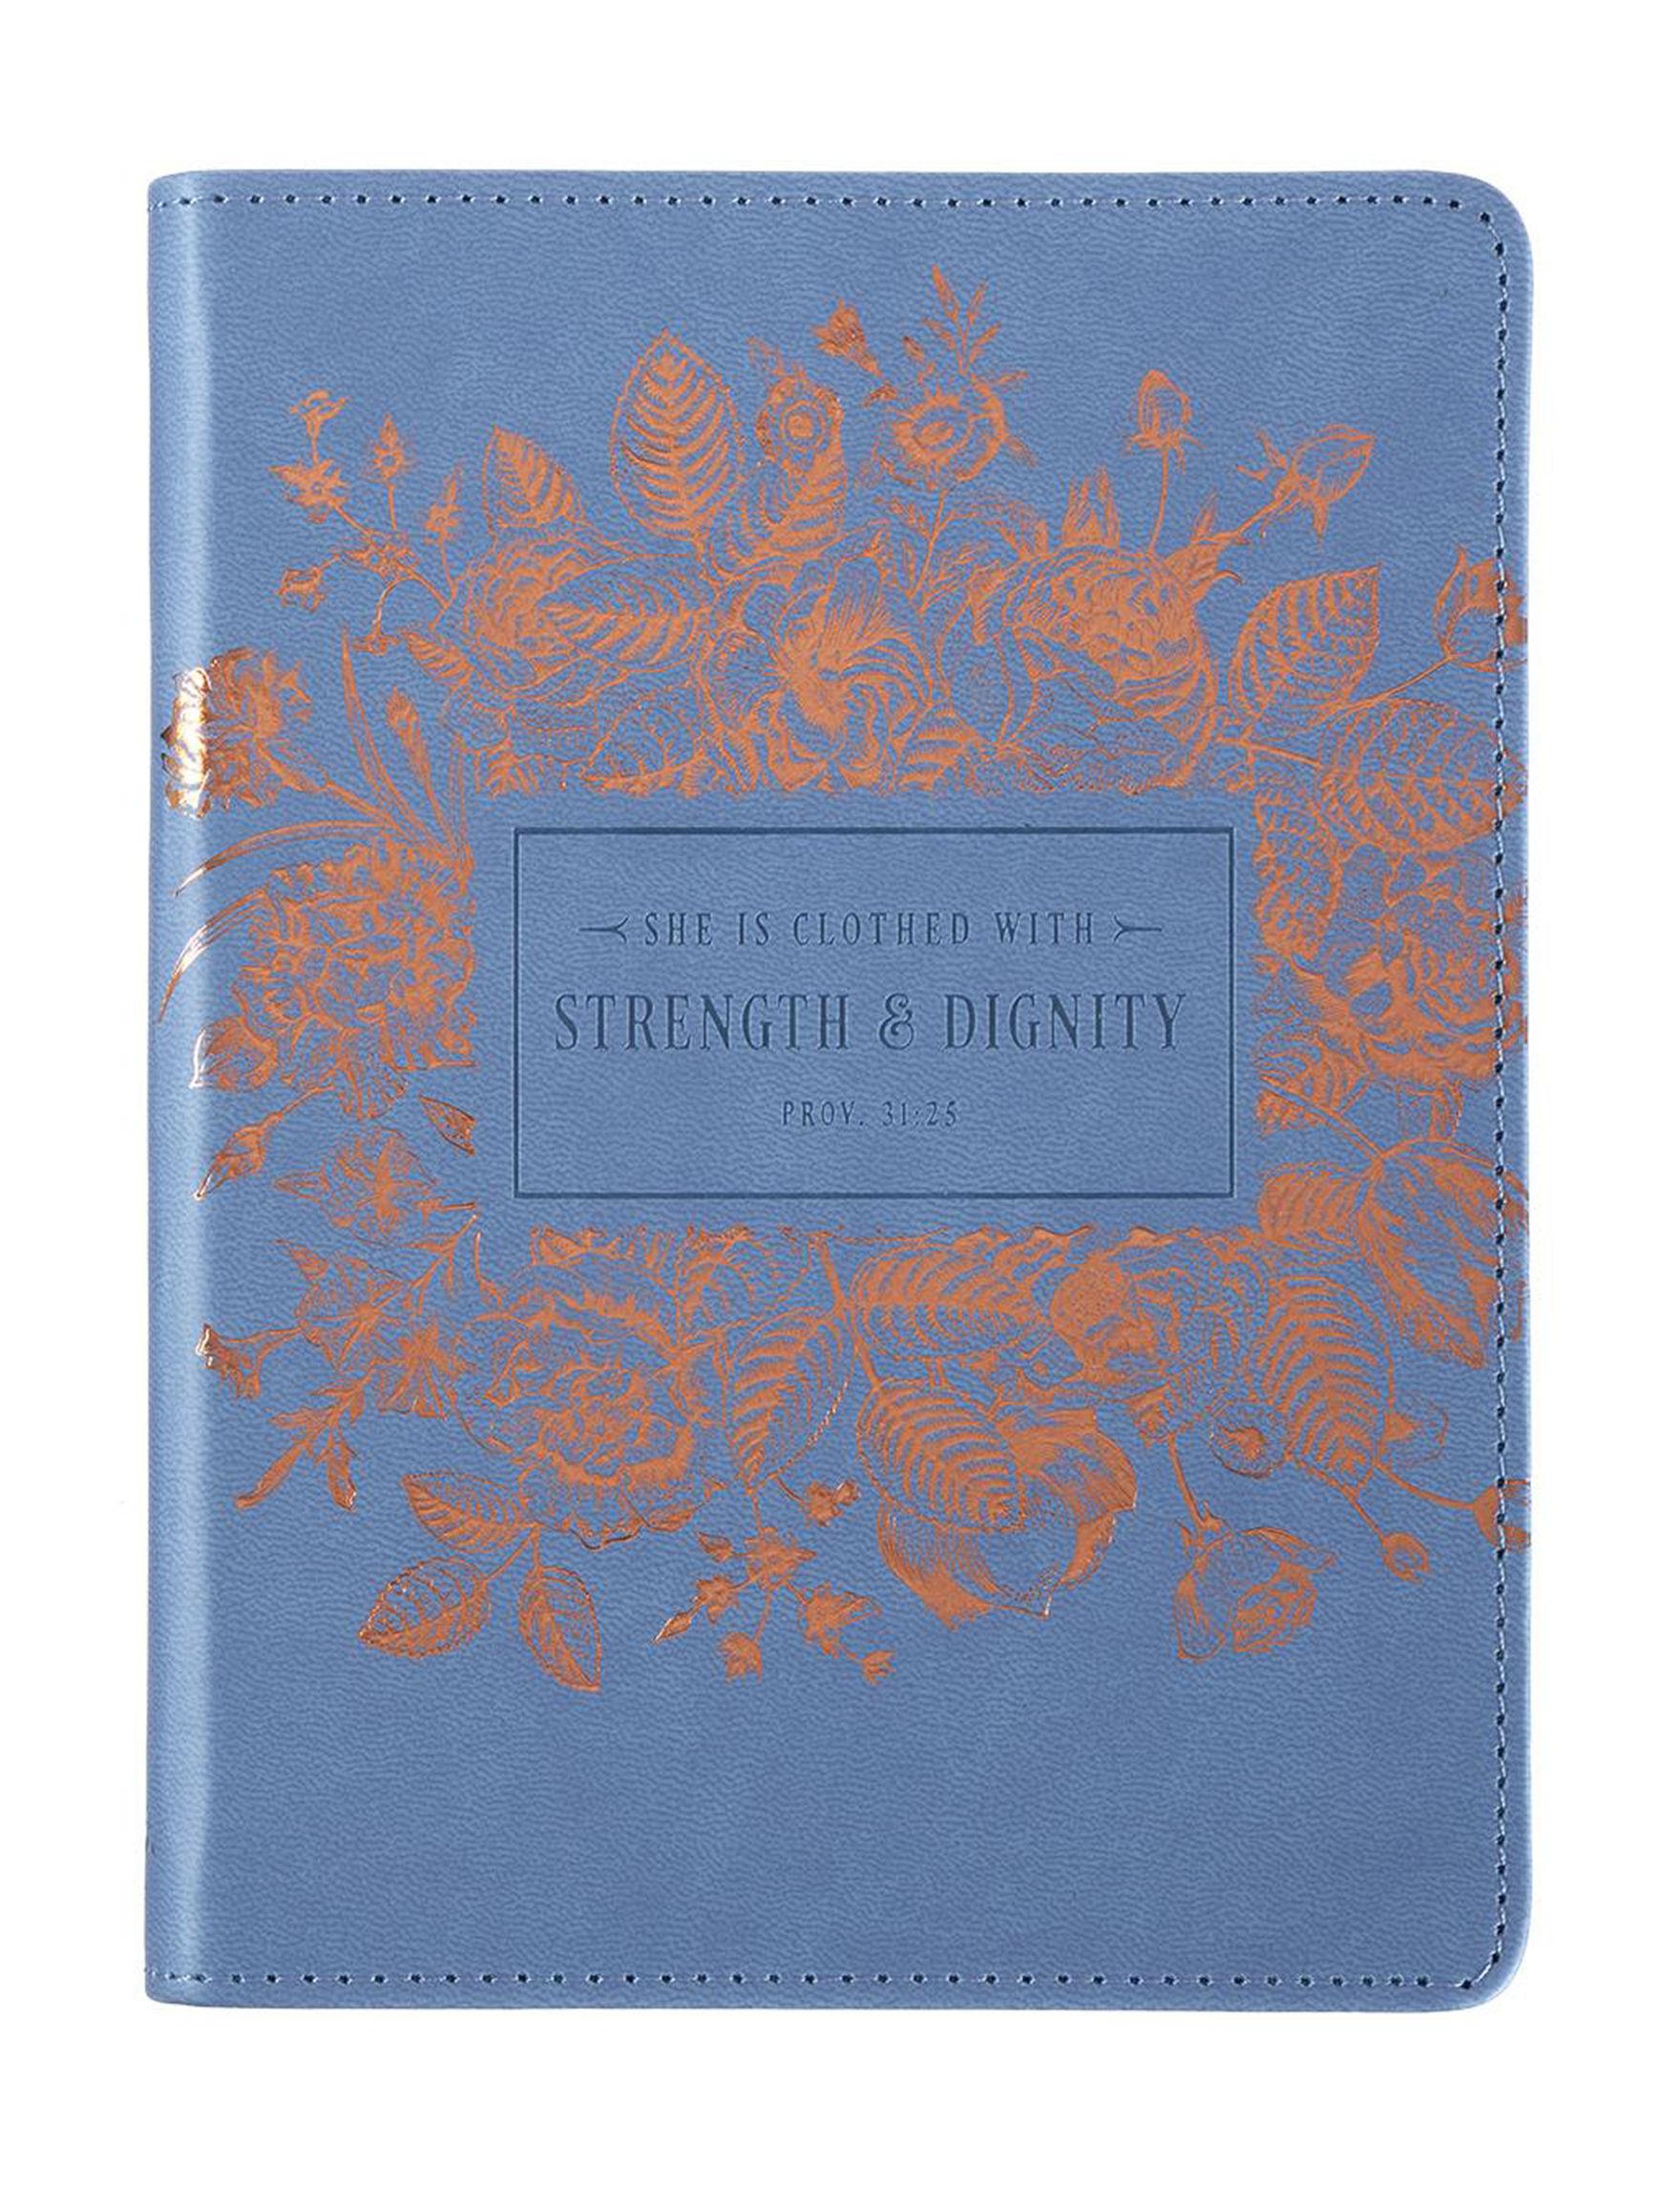 Christian Art Gifts Blue / Multi Journals & Notepads School & Office Supplies